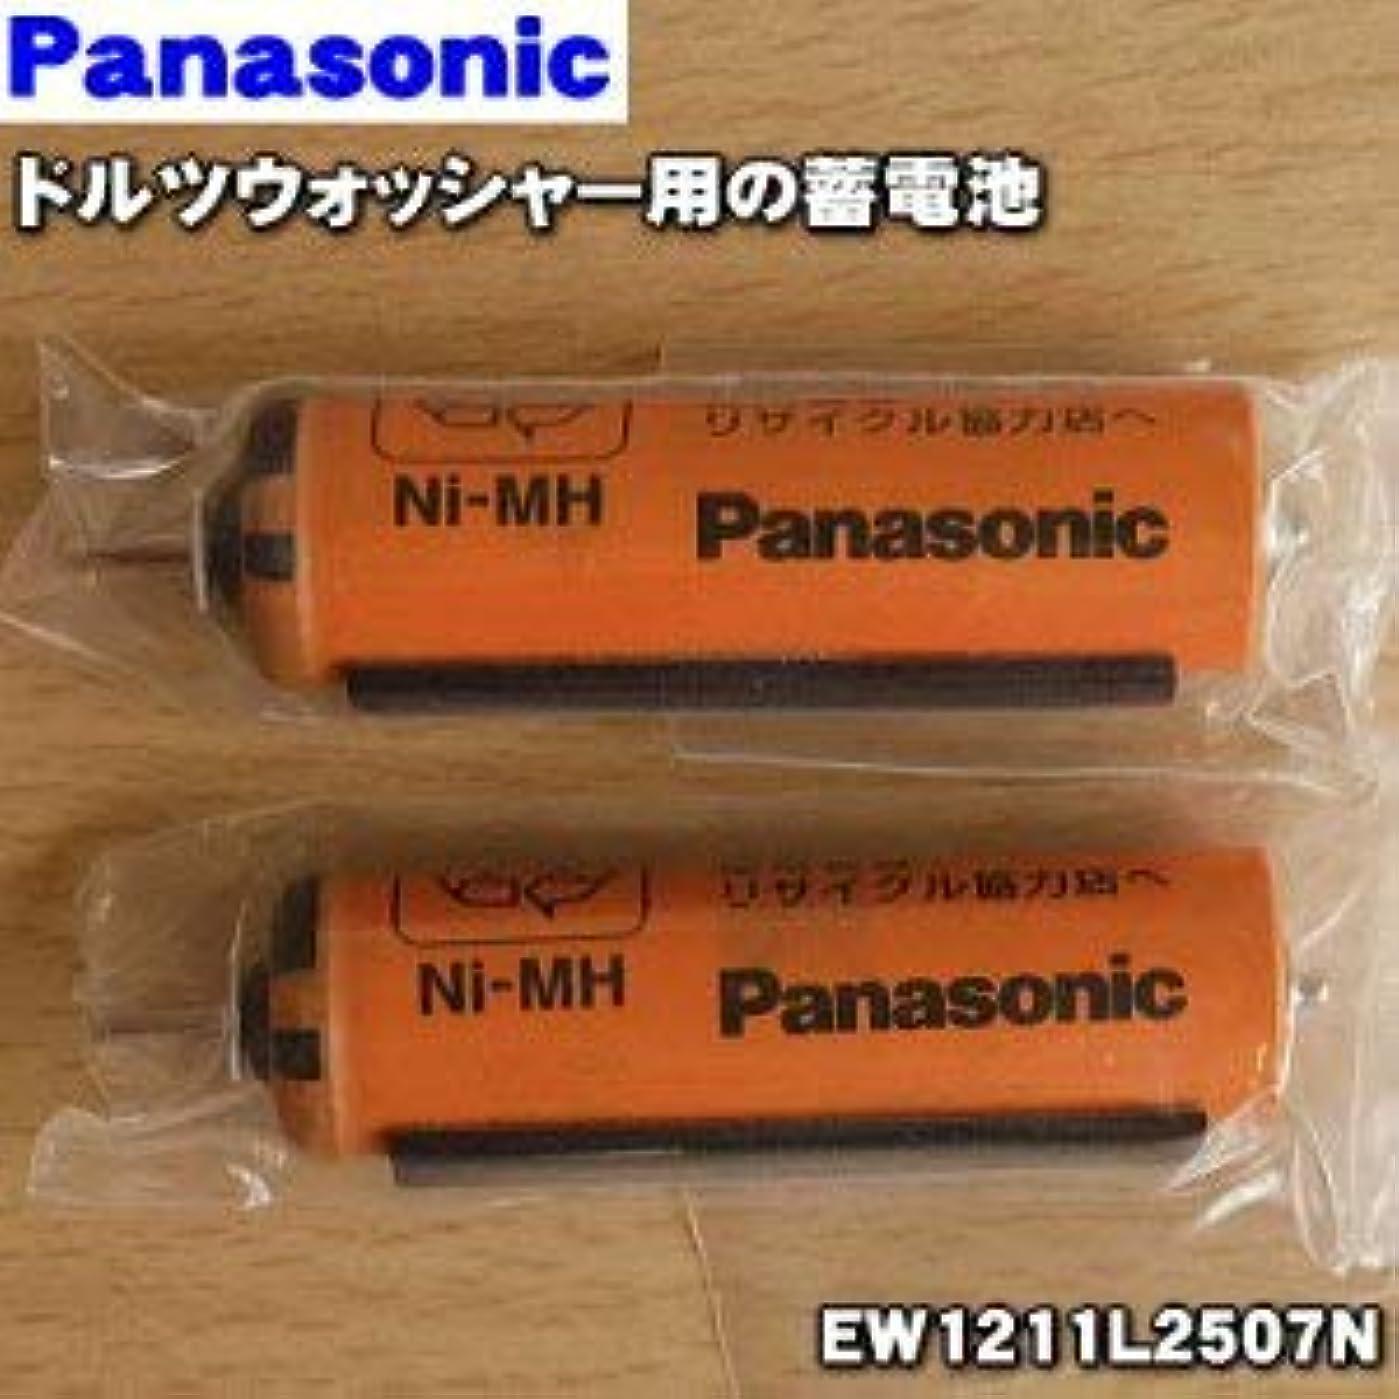 検出農民エレメンタルパナソニック Panasonic 音波振動ハブラシ Doltz 蓄電池交換用蓄電池 EW1211L2507N